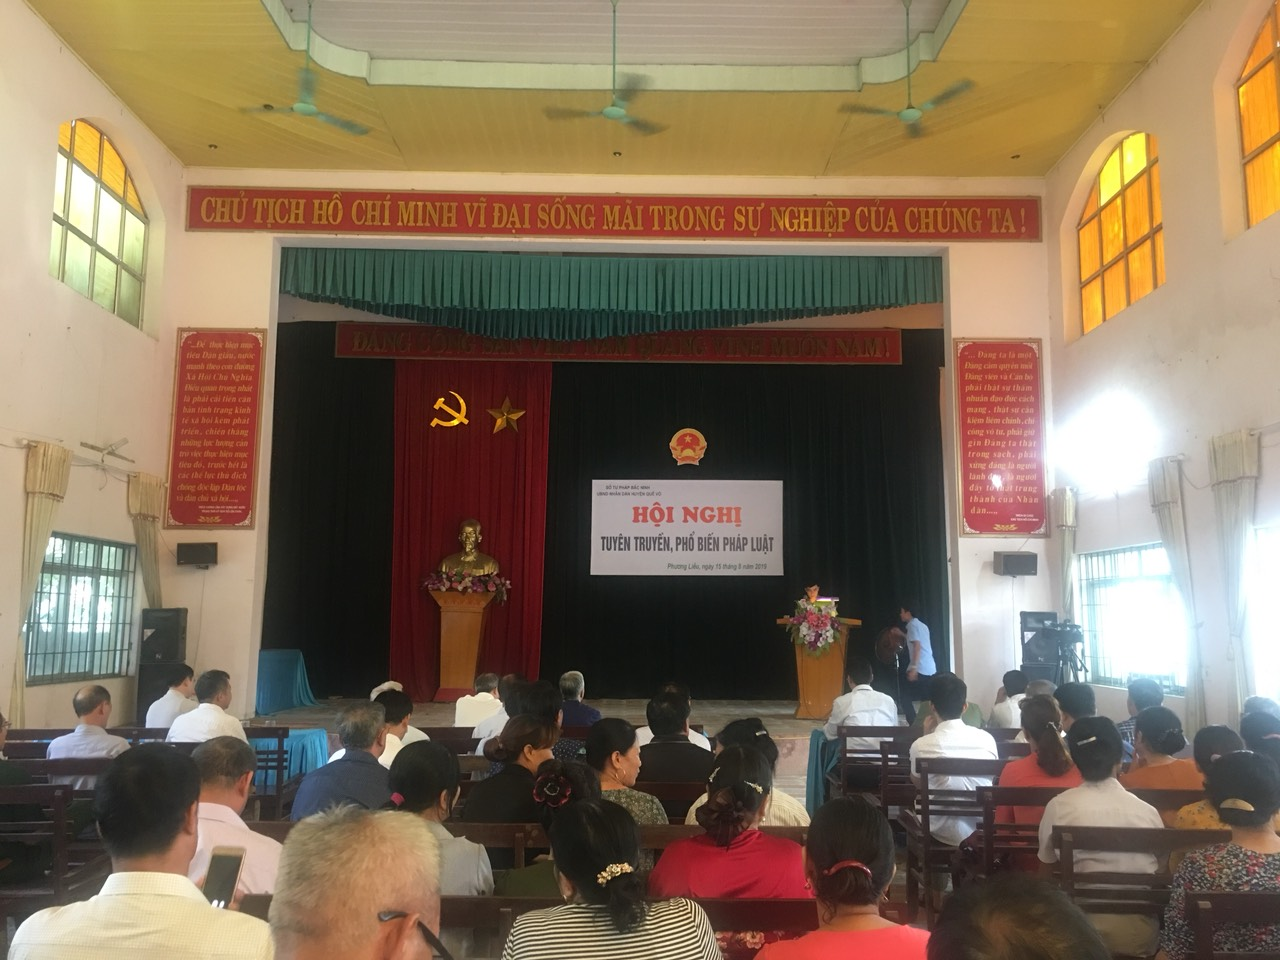 Bắc Ninh: Tăng cường công tác phổ biến, giáo dục pháp luật tại một số địa bàn trọng điểm đến năm 2021